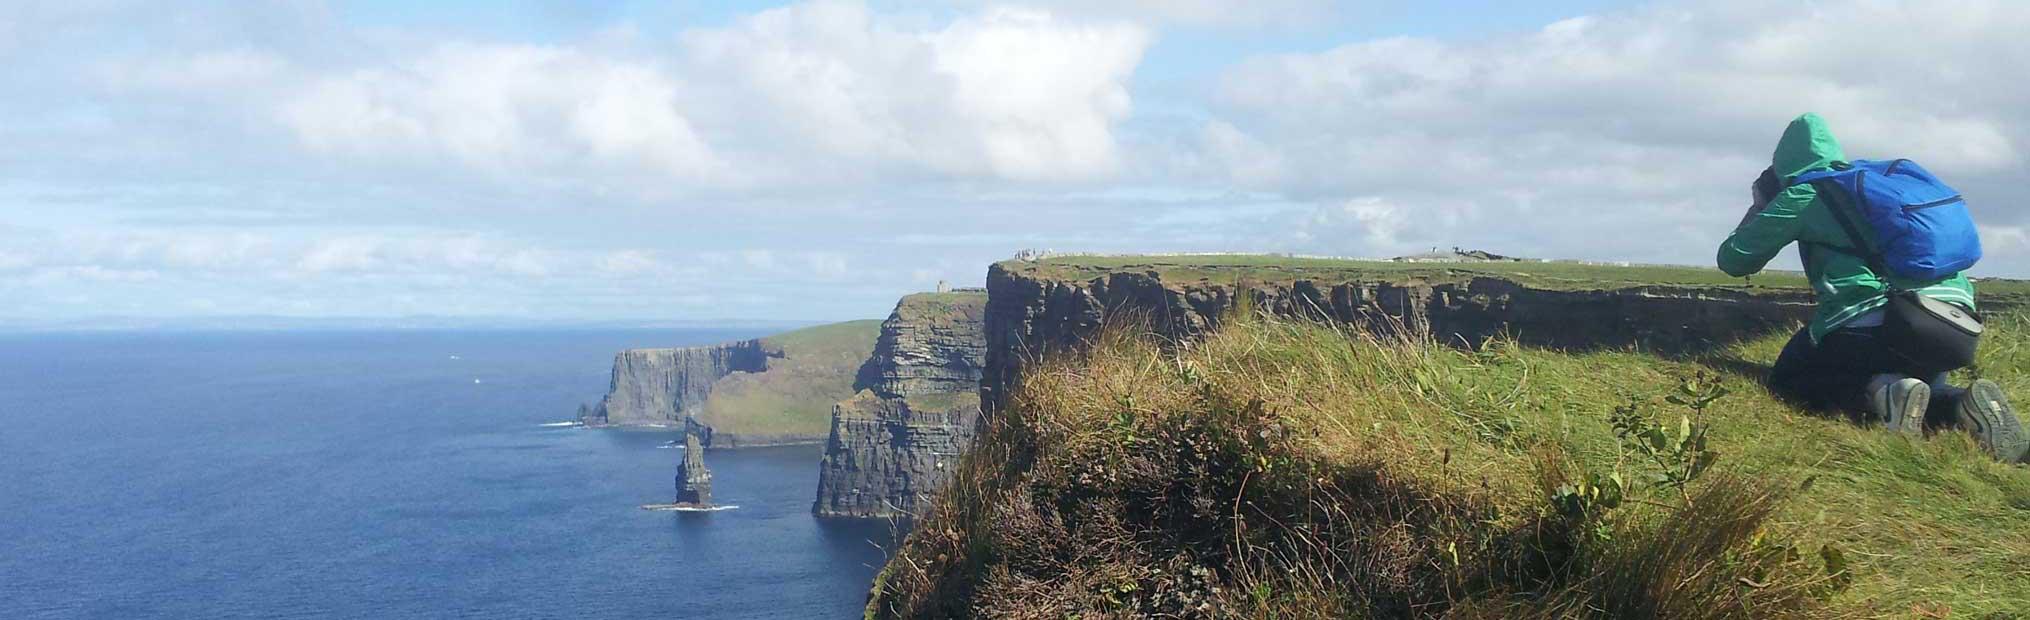 Work & Travel Ireland